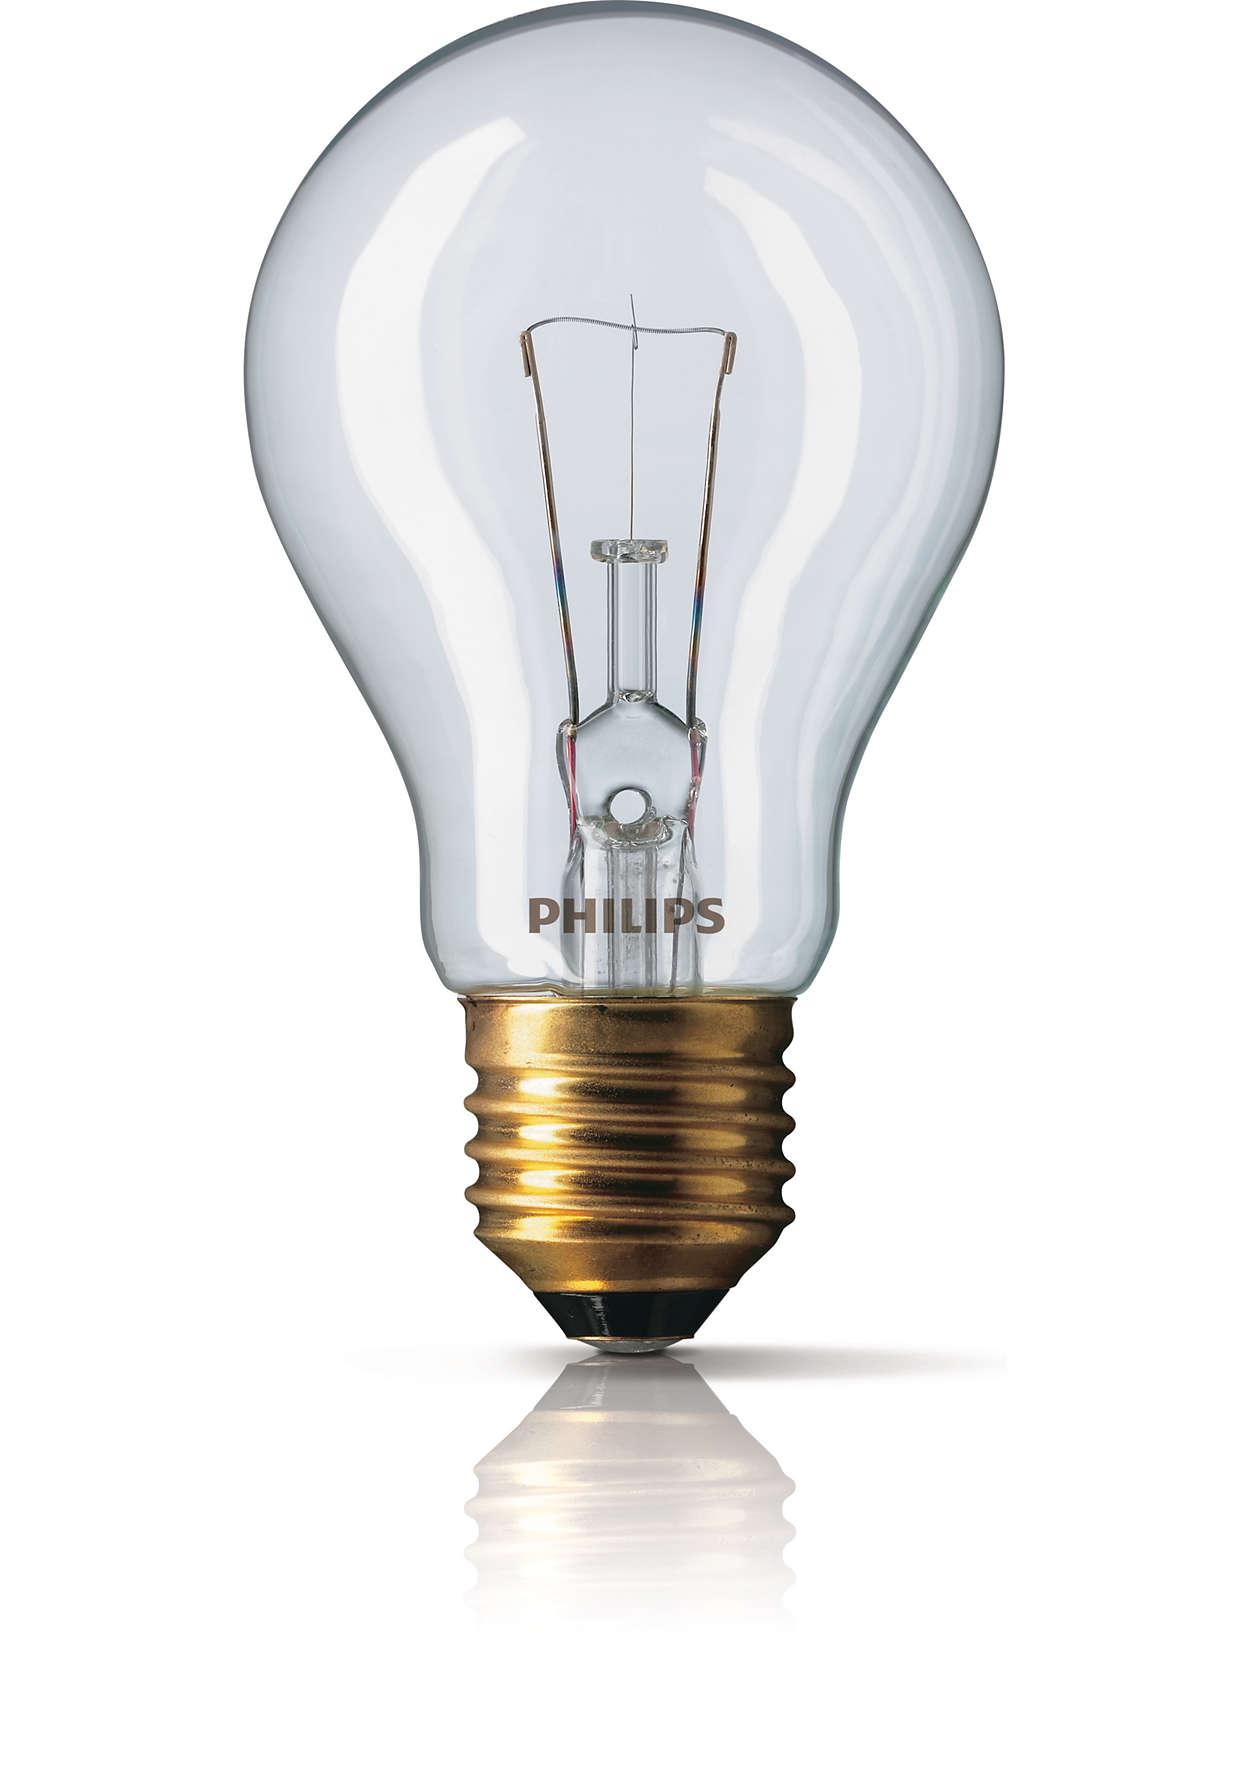 Skinnende klart lys lige der, hvor du har brug for det